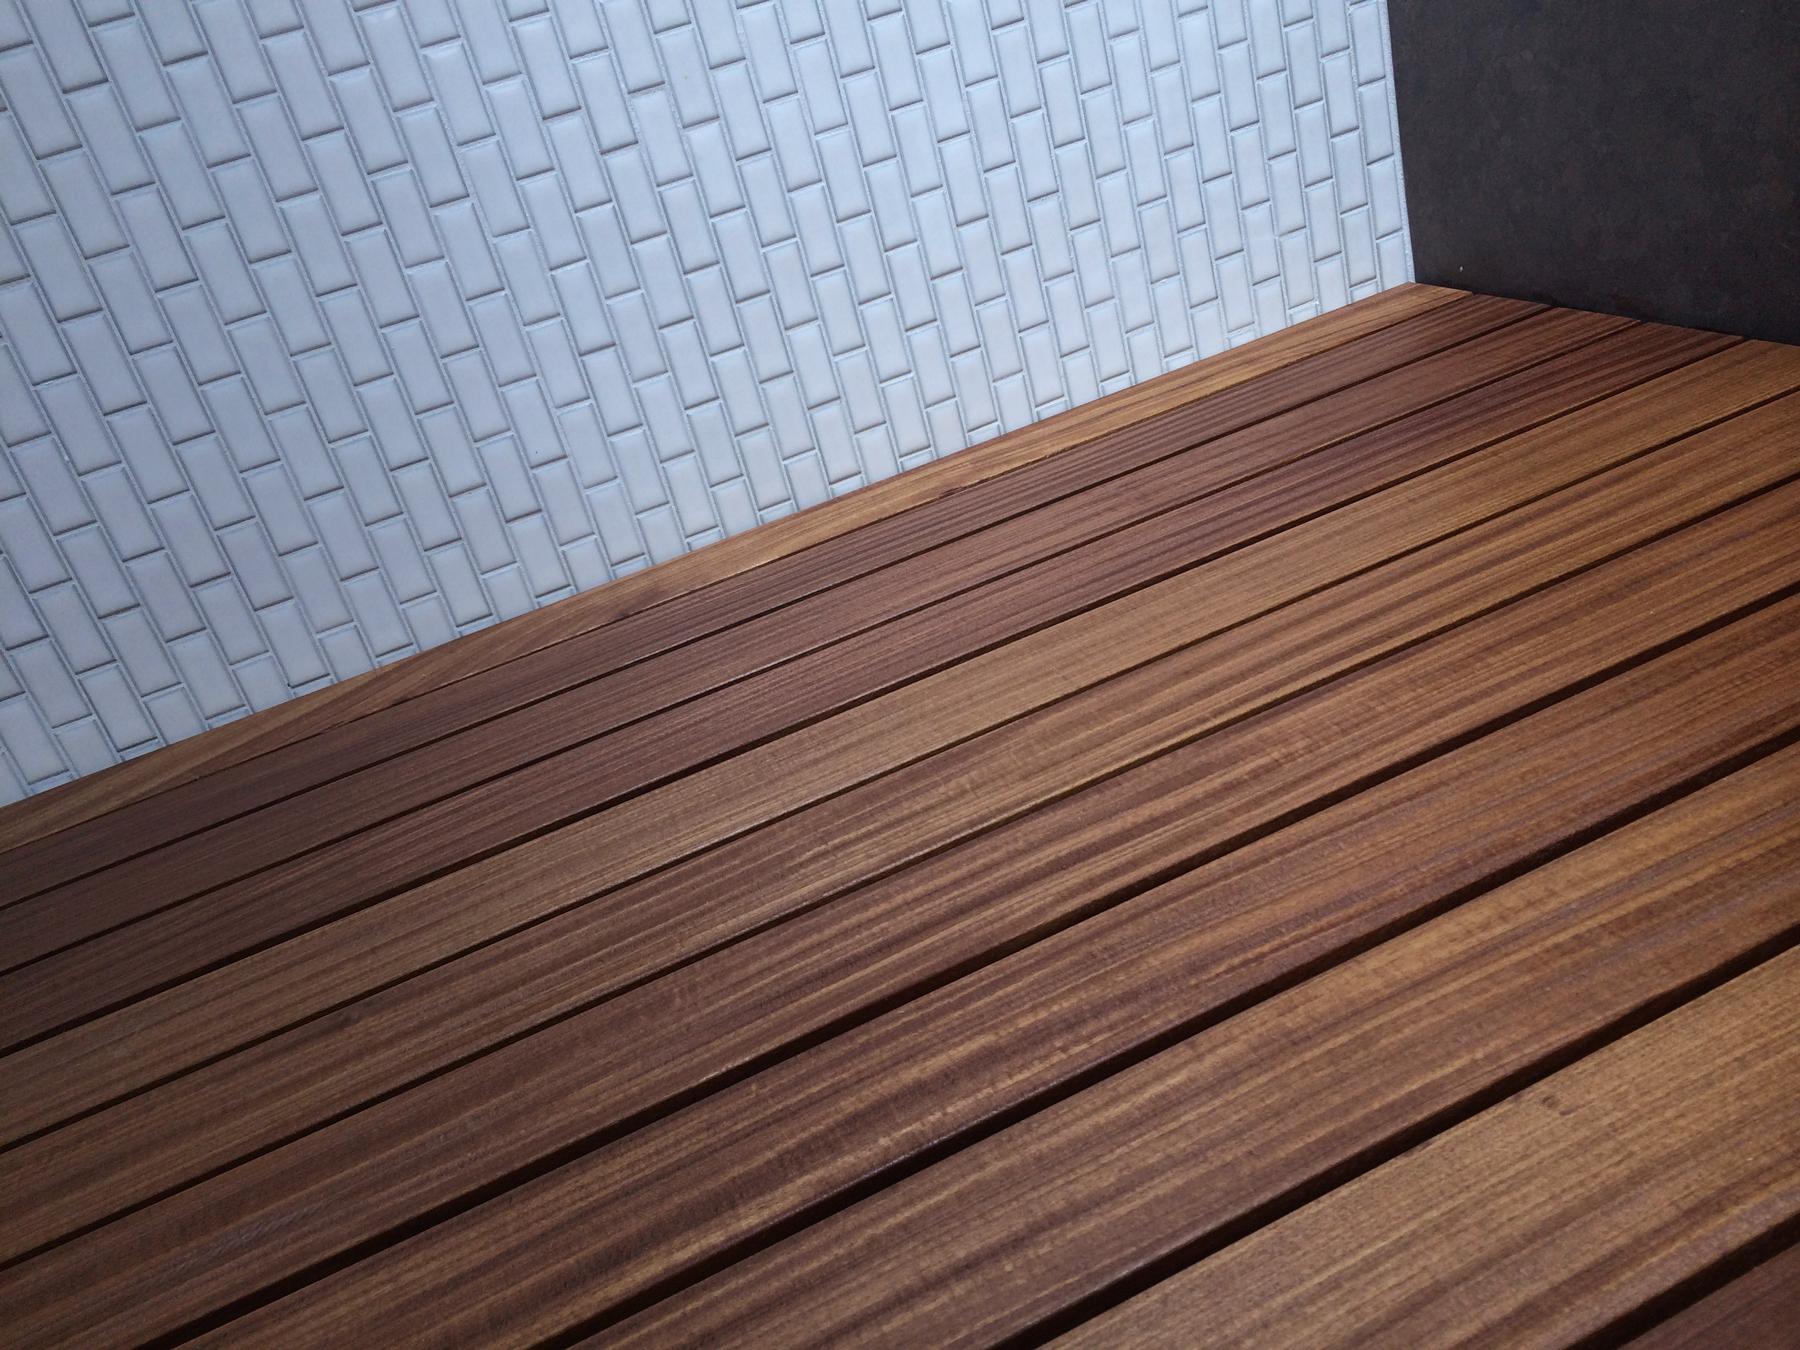 ann sacks wall tile + wood shower slats